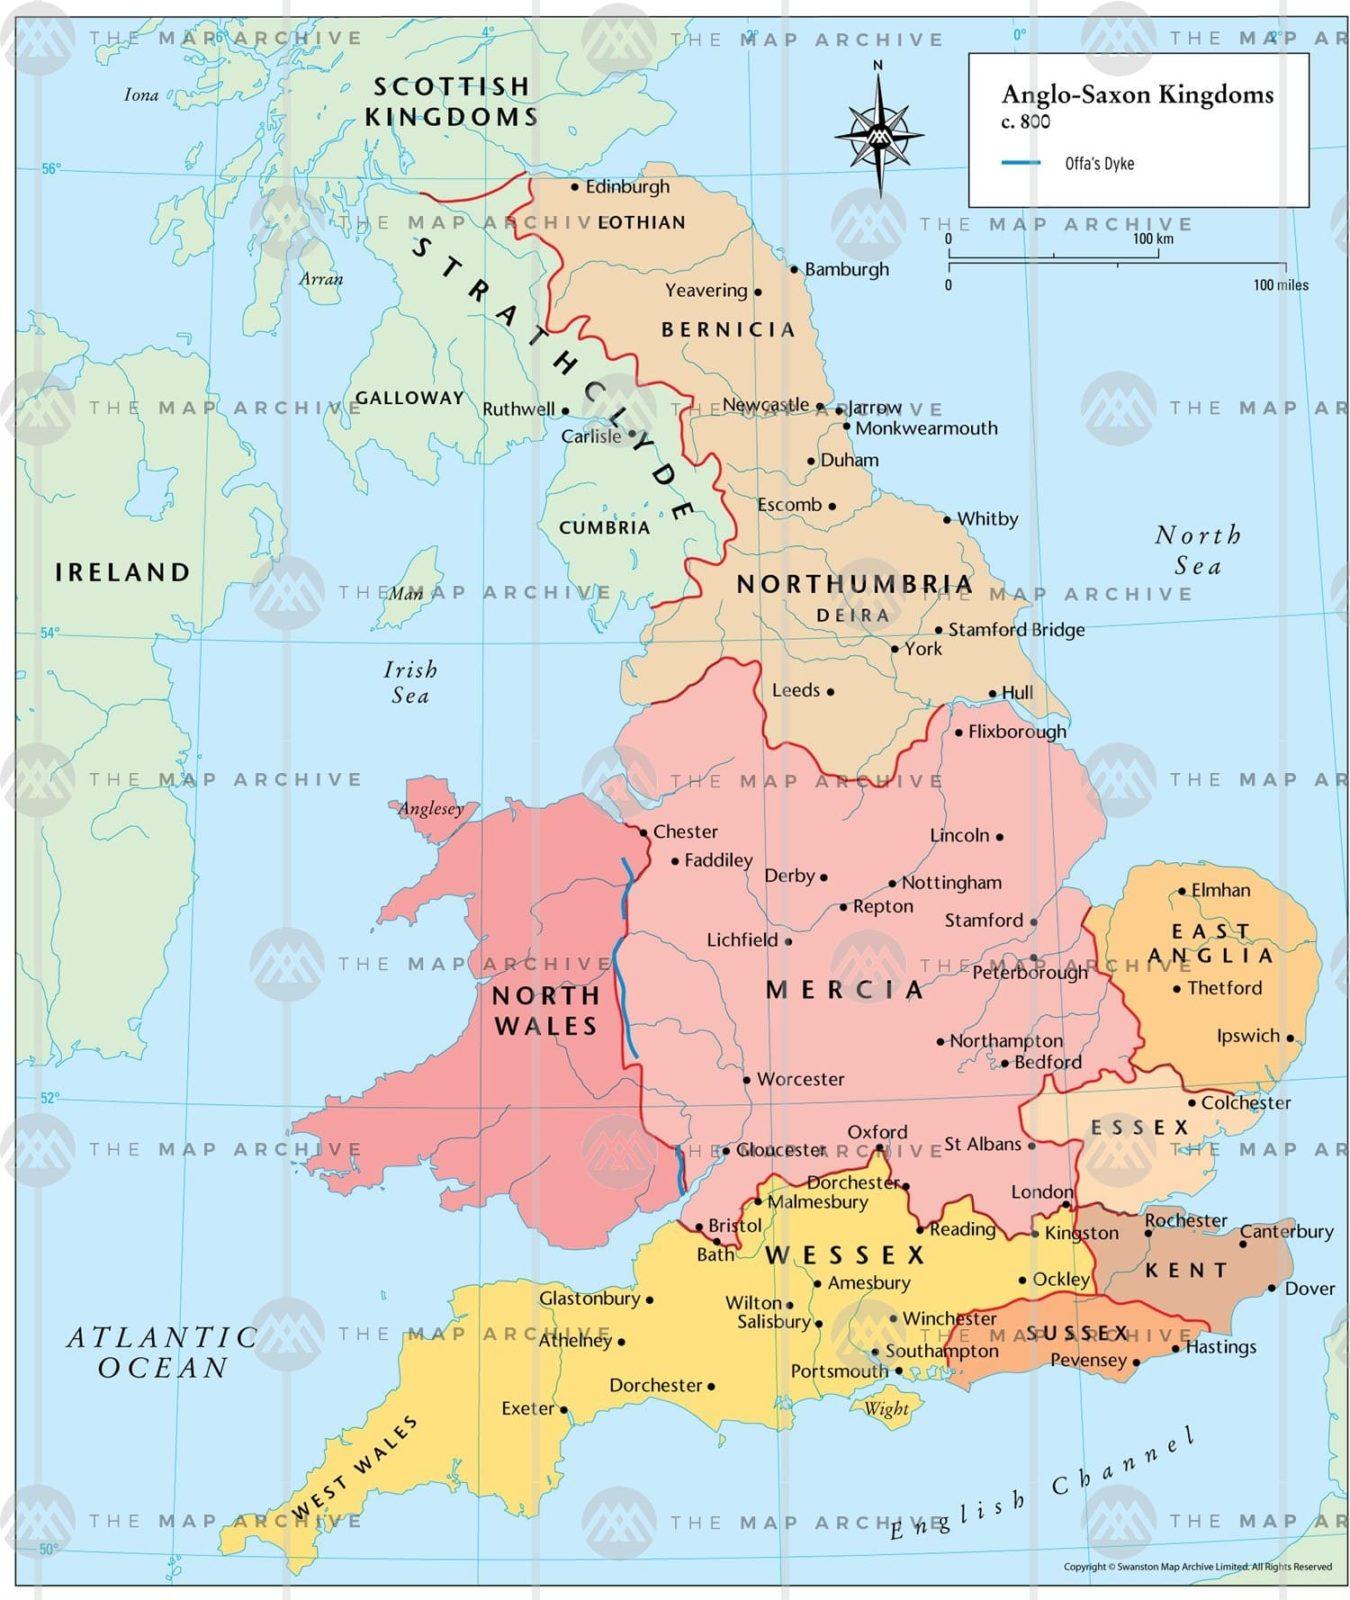 Гептархия - Англо-саксонские королевства - 800 год